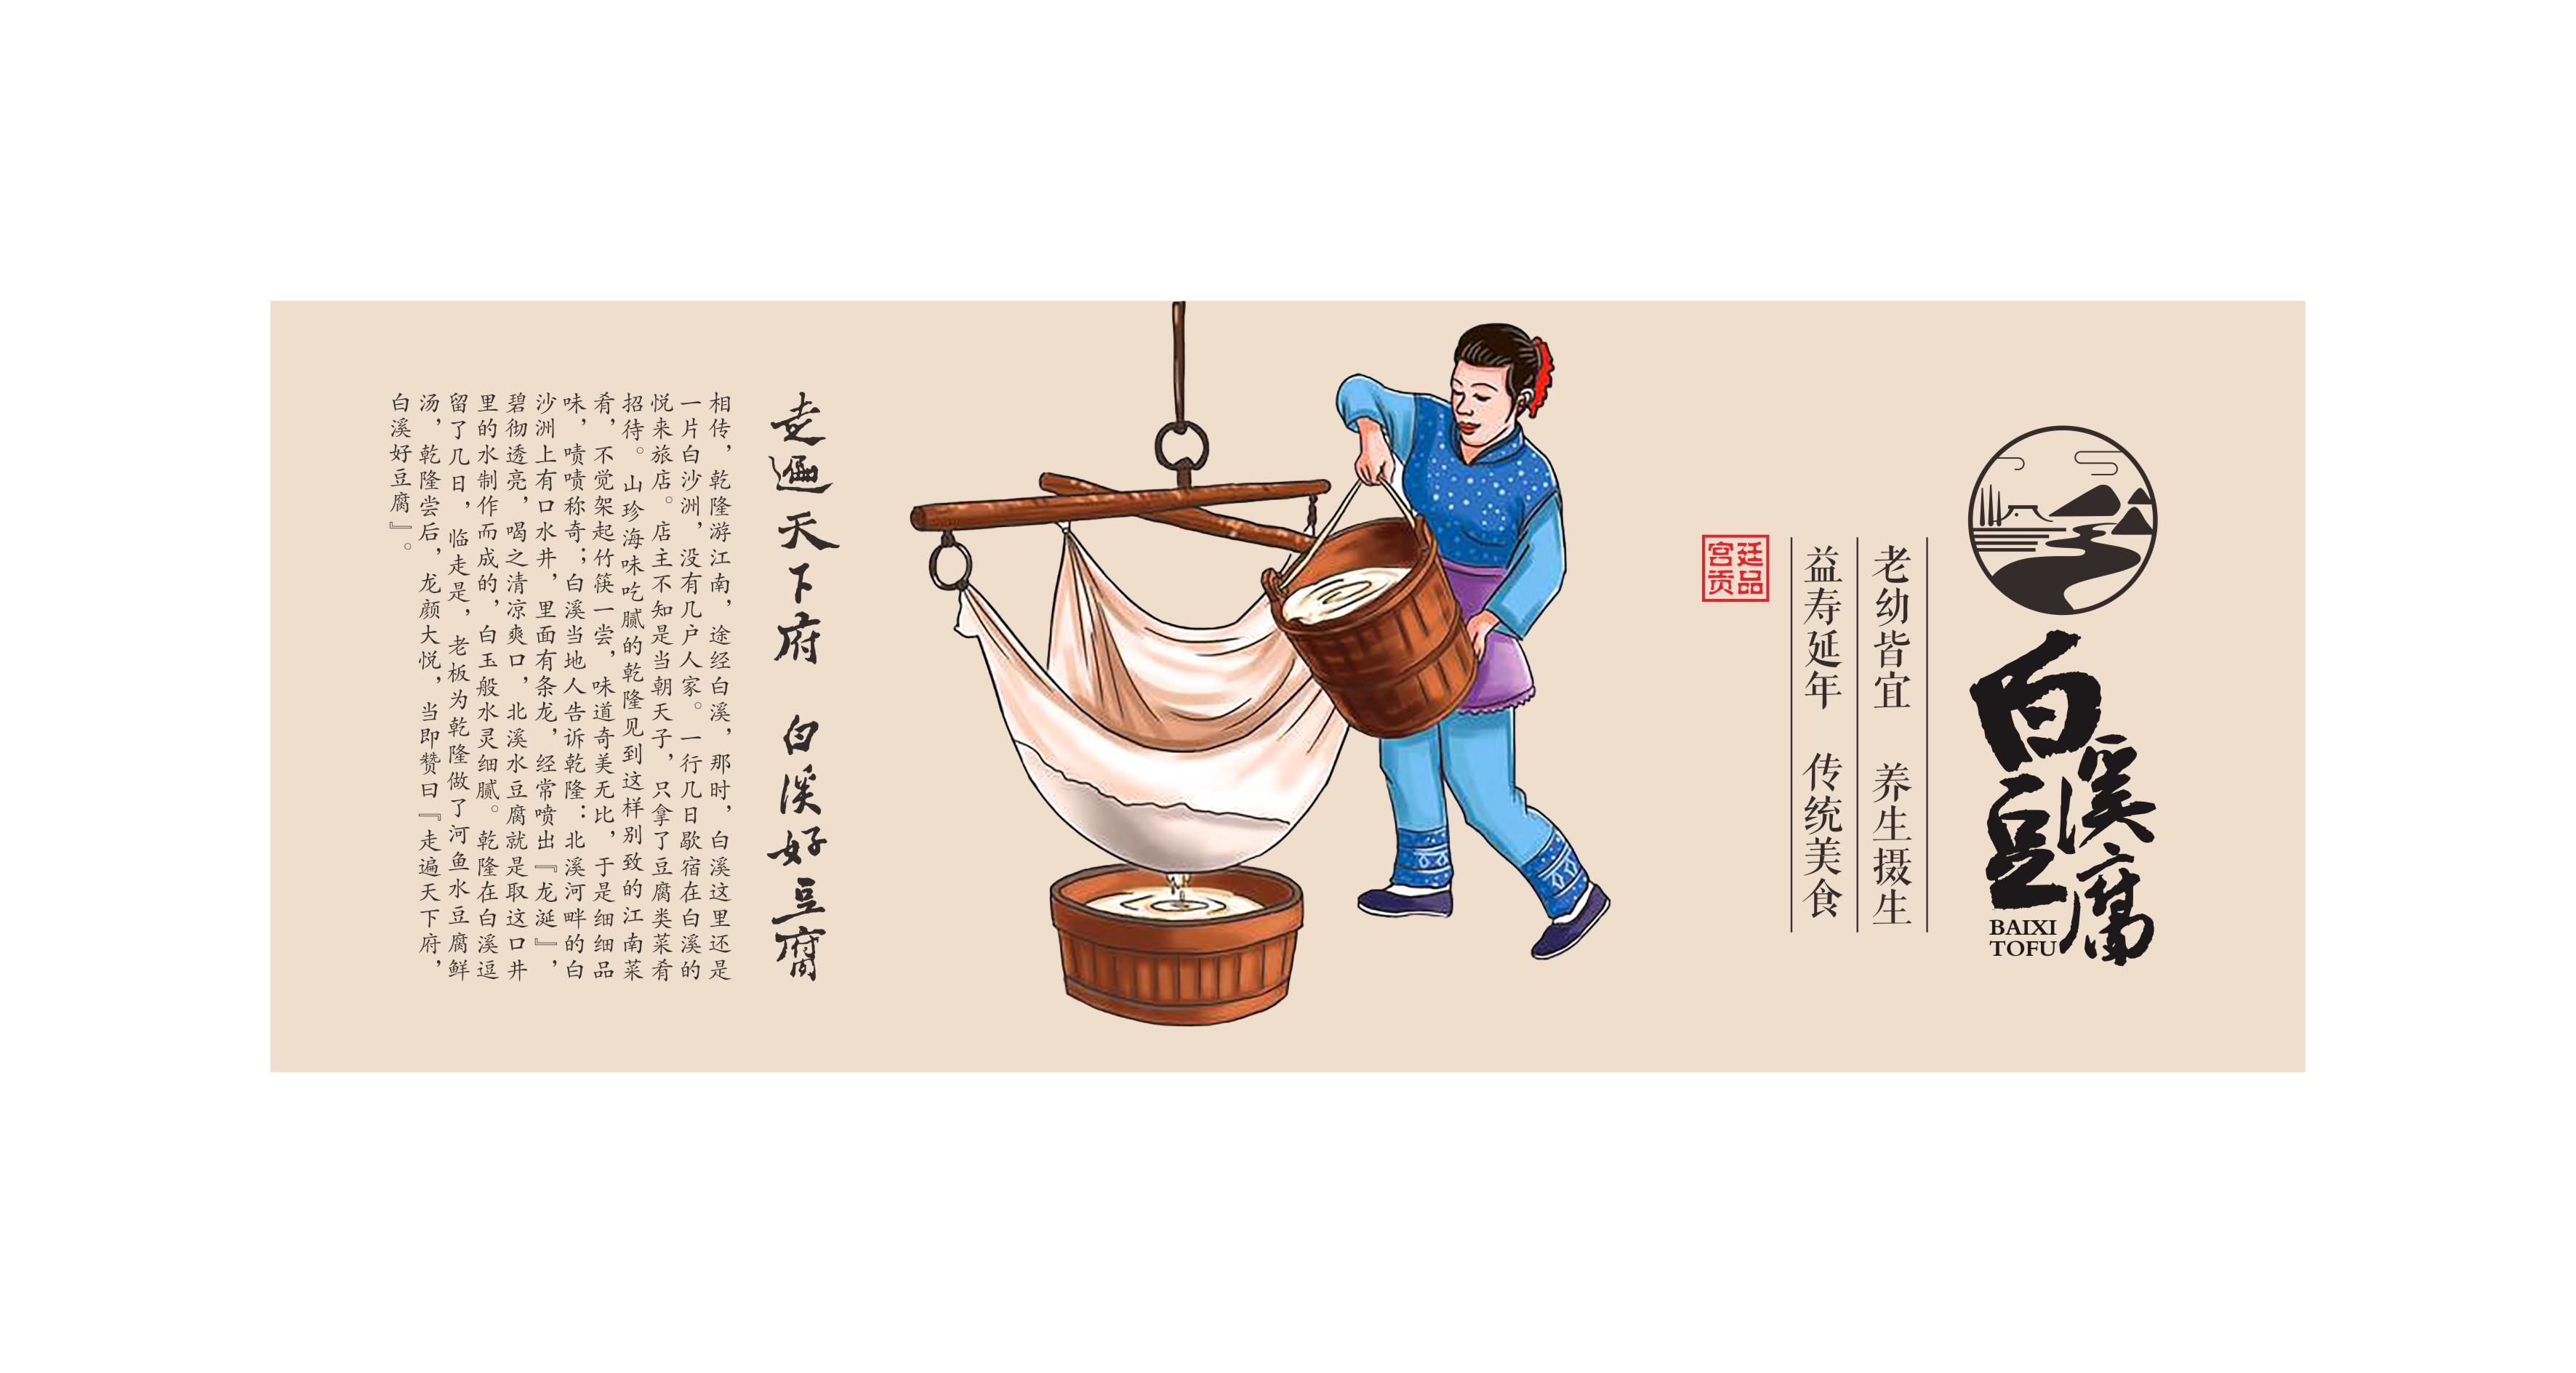 白溪豆腐_0011.JPG